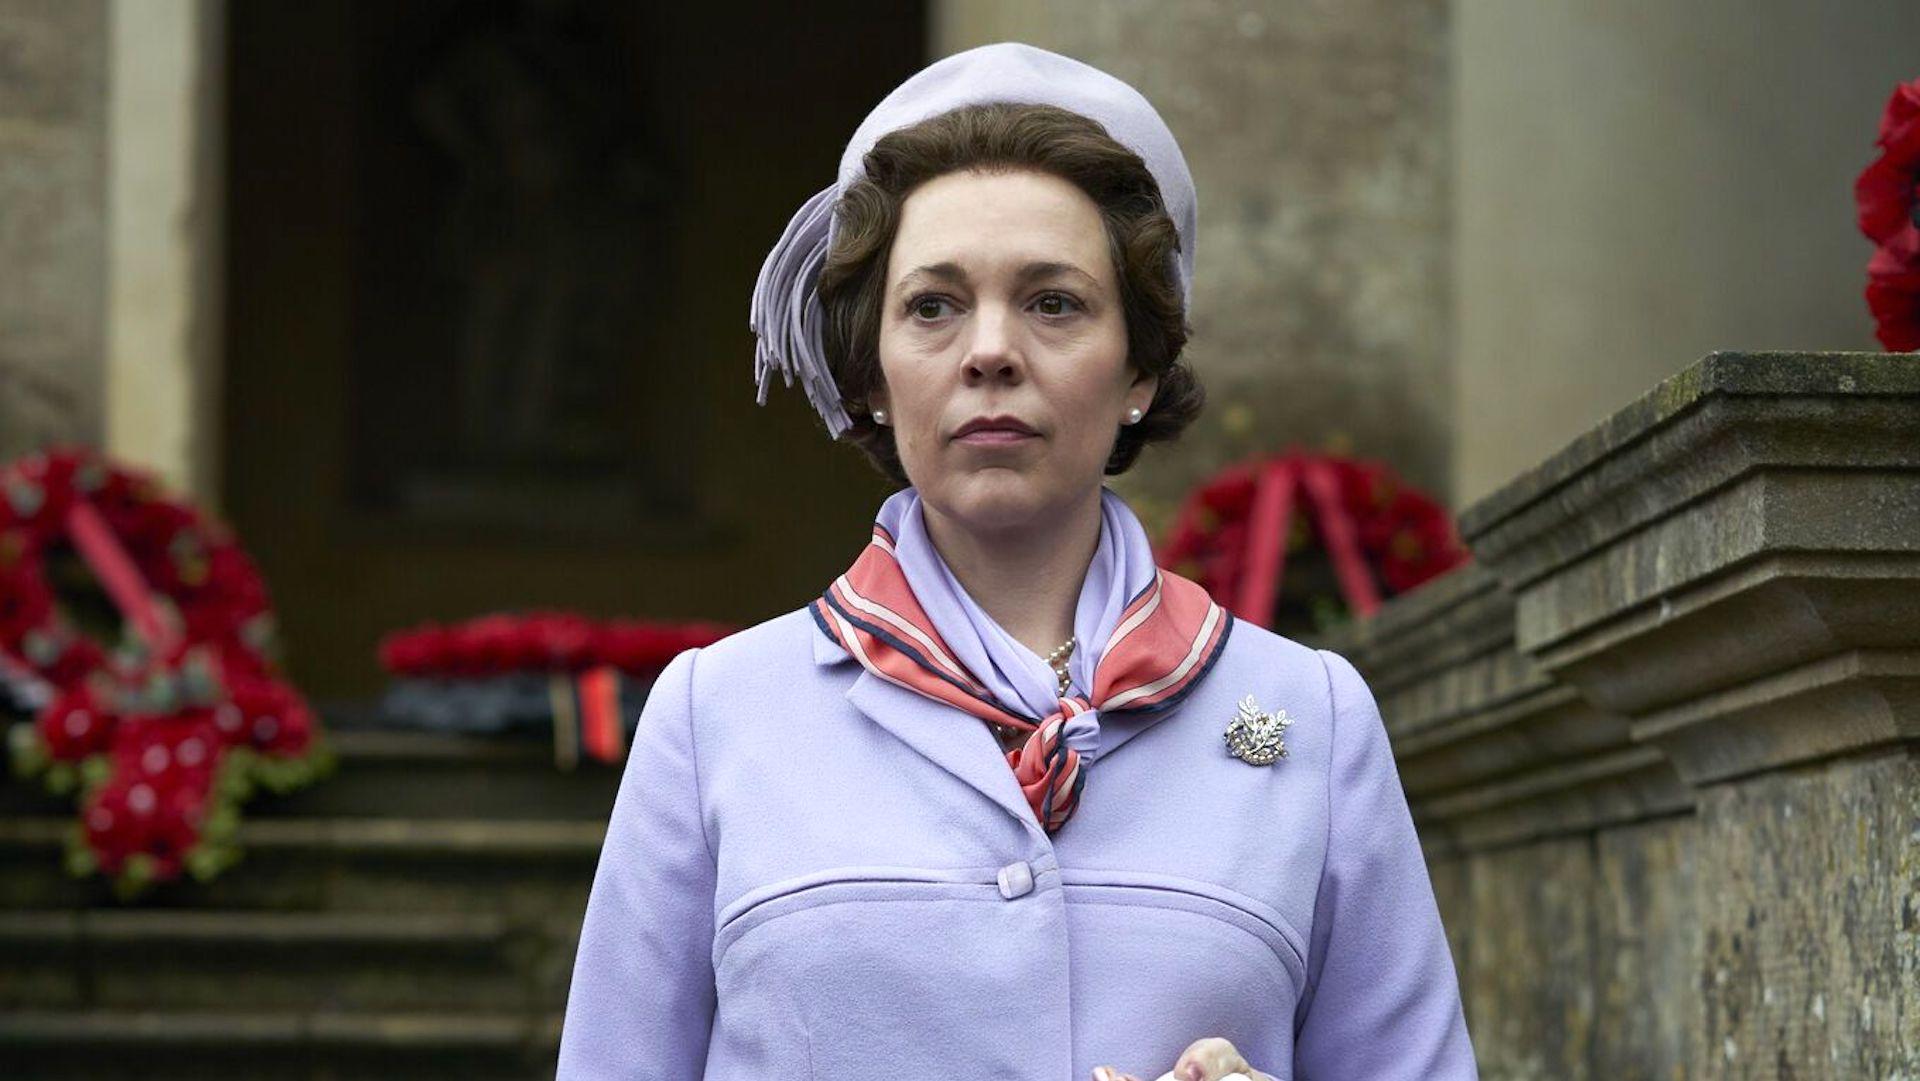 The Crown, Ted Lasso : où regarder les séries primées aux Emmy Awards 2021 en France en streaming ?